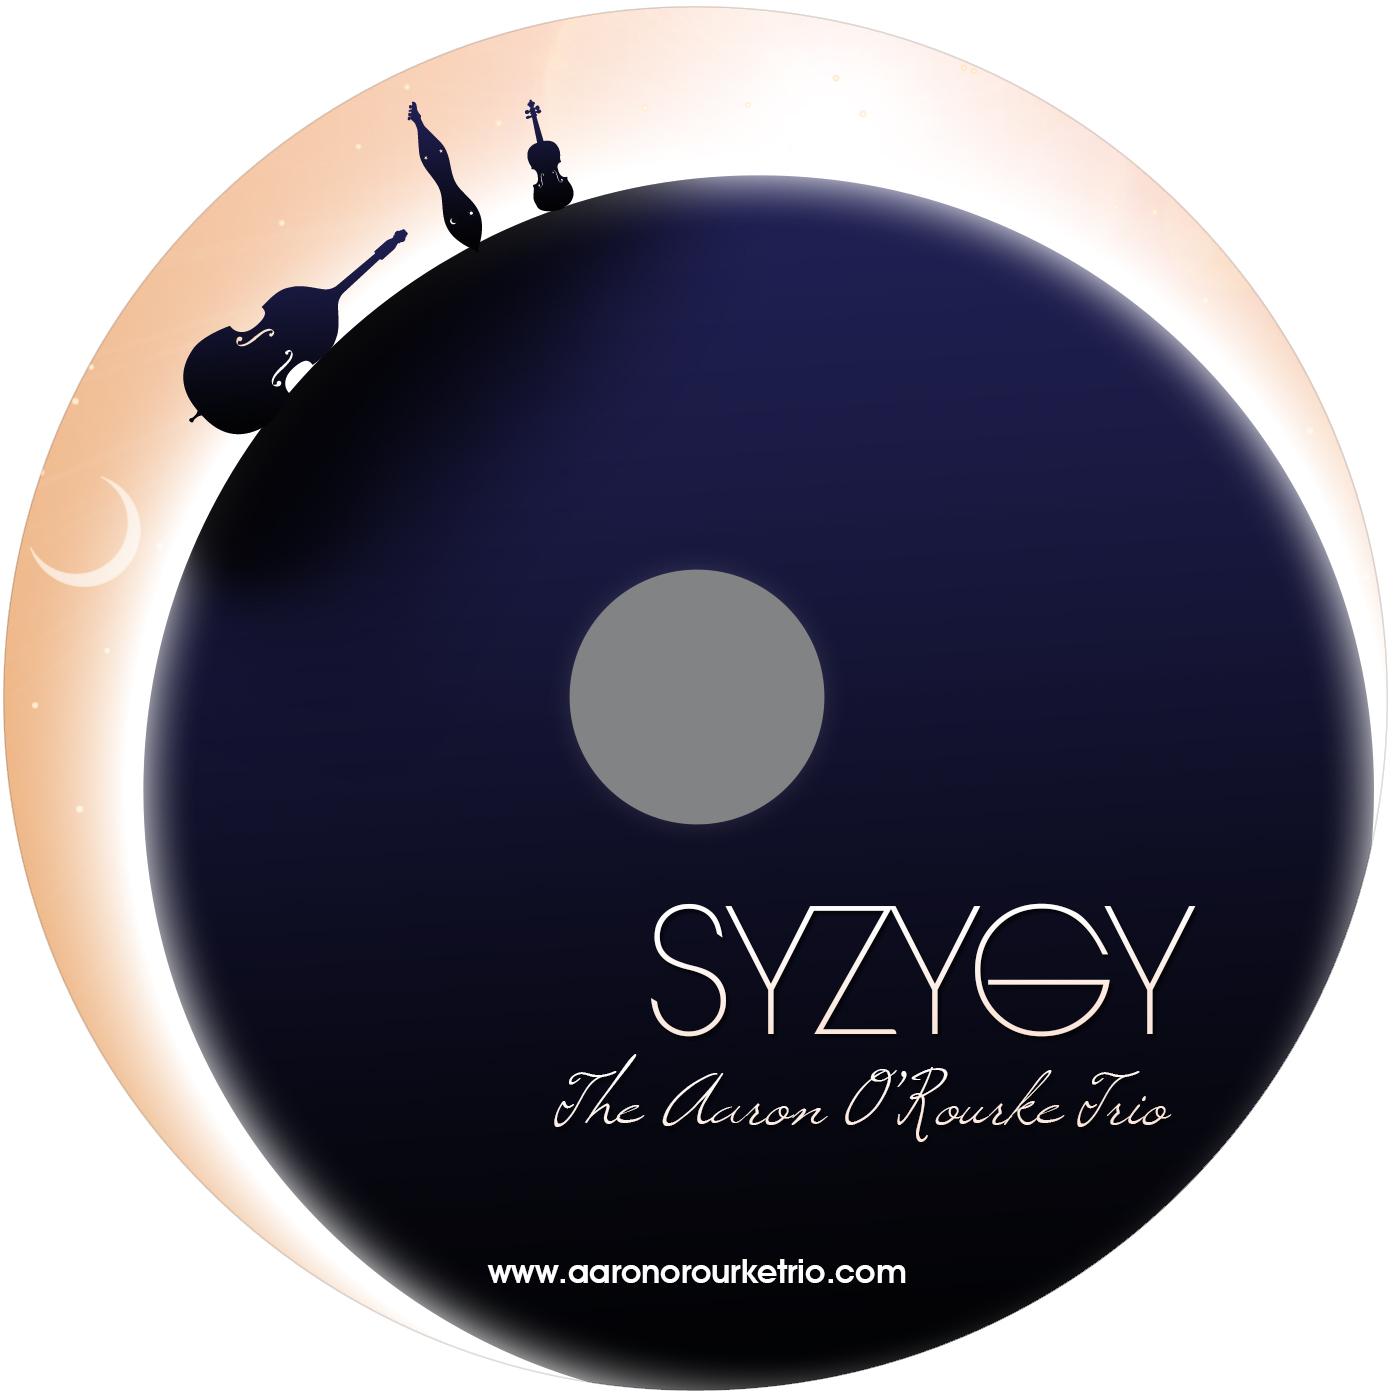 Syzygy CD Disc Kunaki.jpg